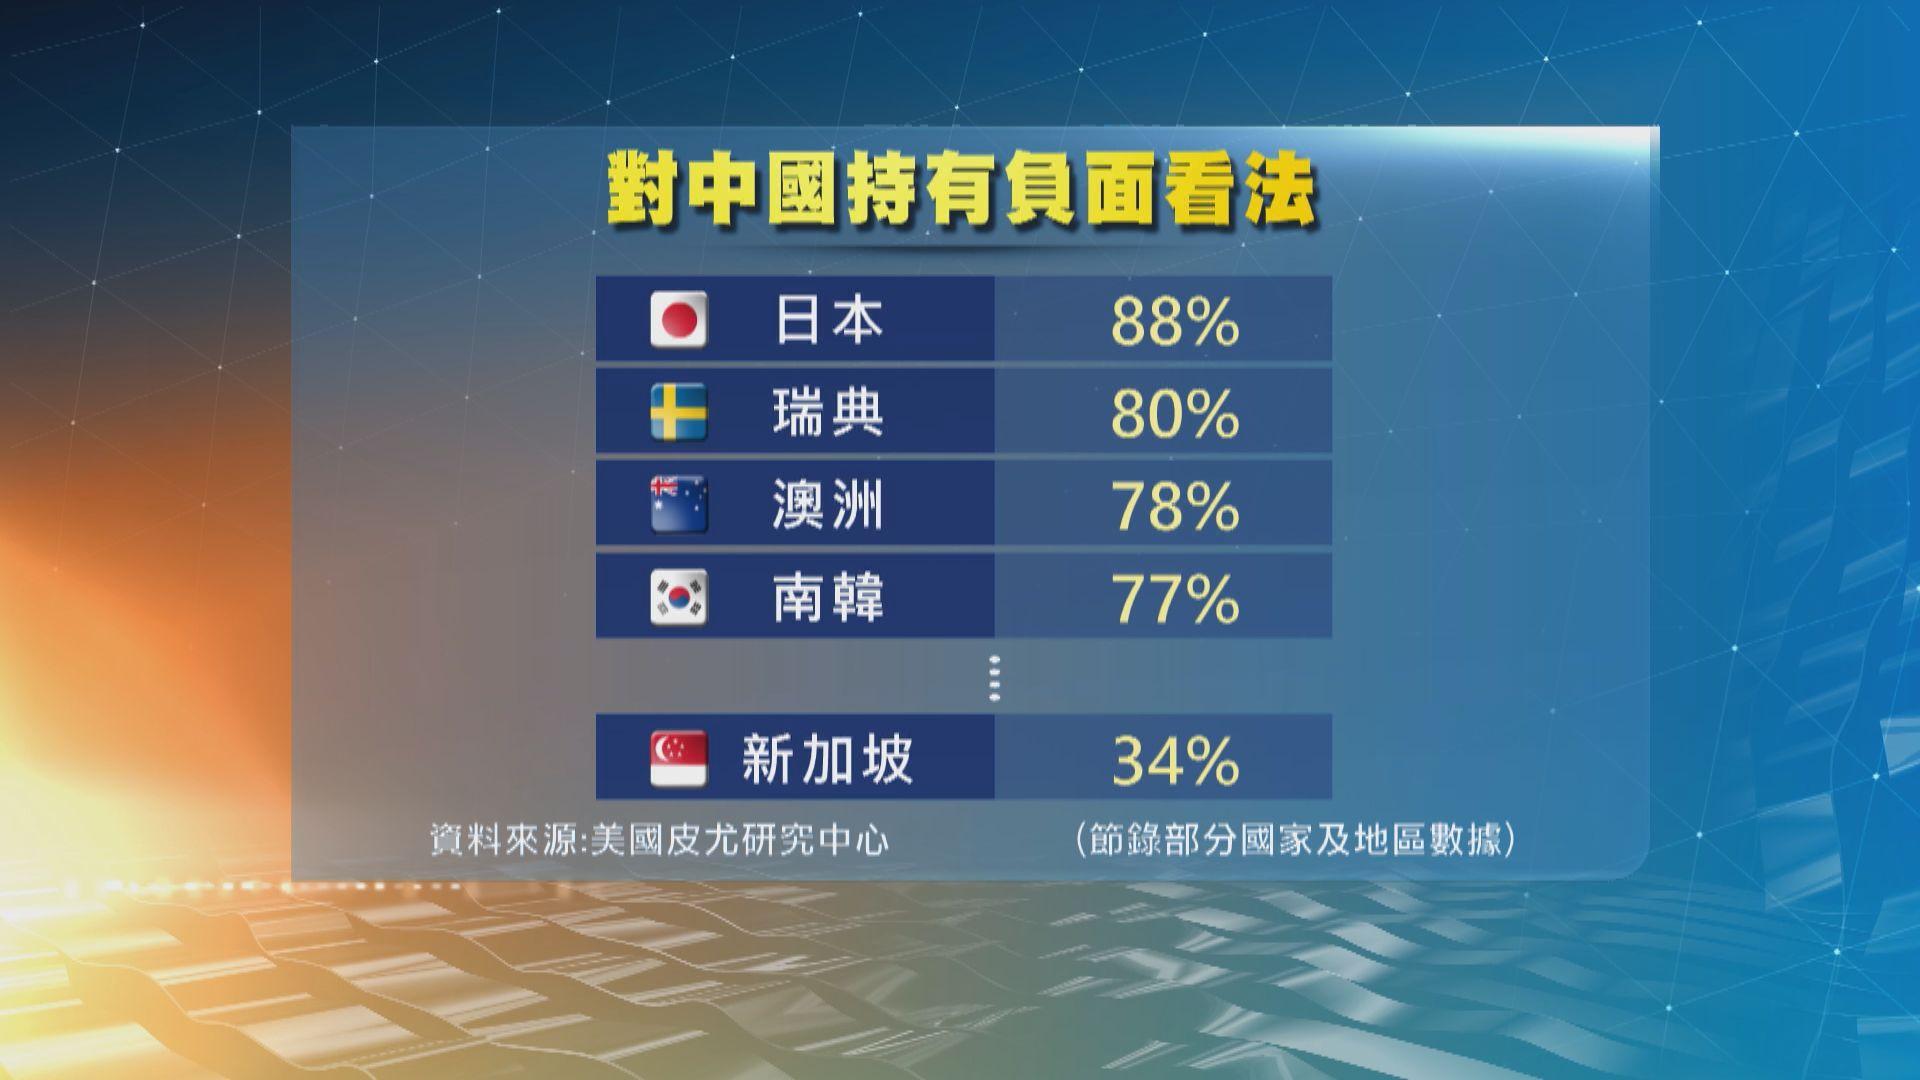 民調:多數國家及地區對中國看法負面 中方批涉華謊言誤導民眾